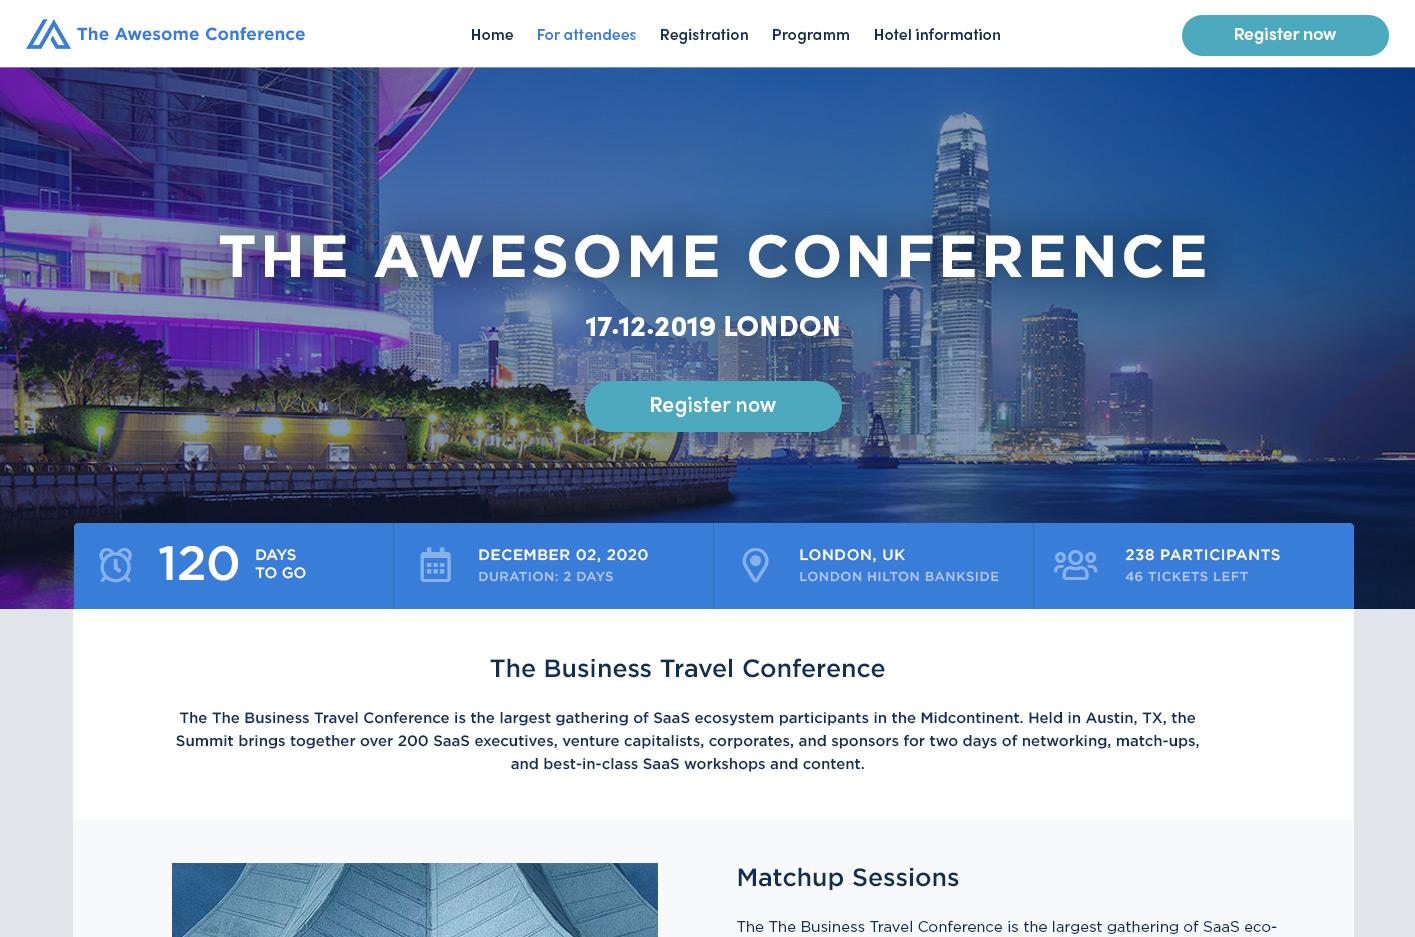 event landing page von der Plattform Converve